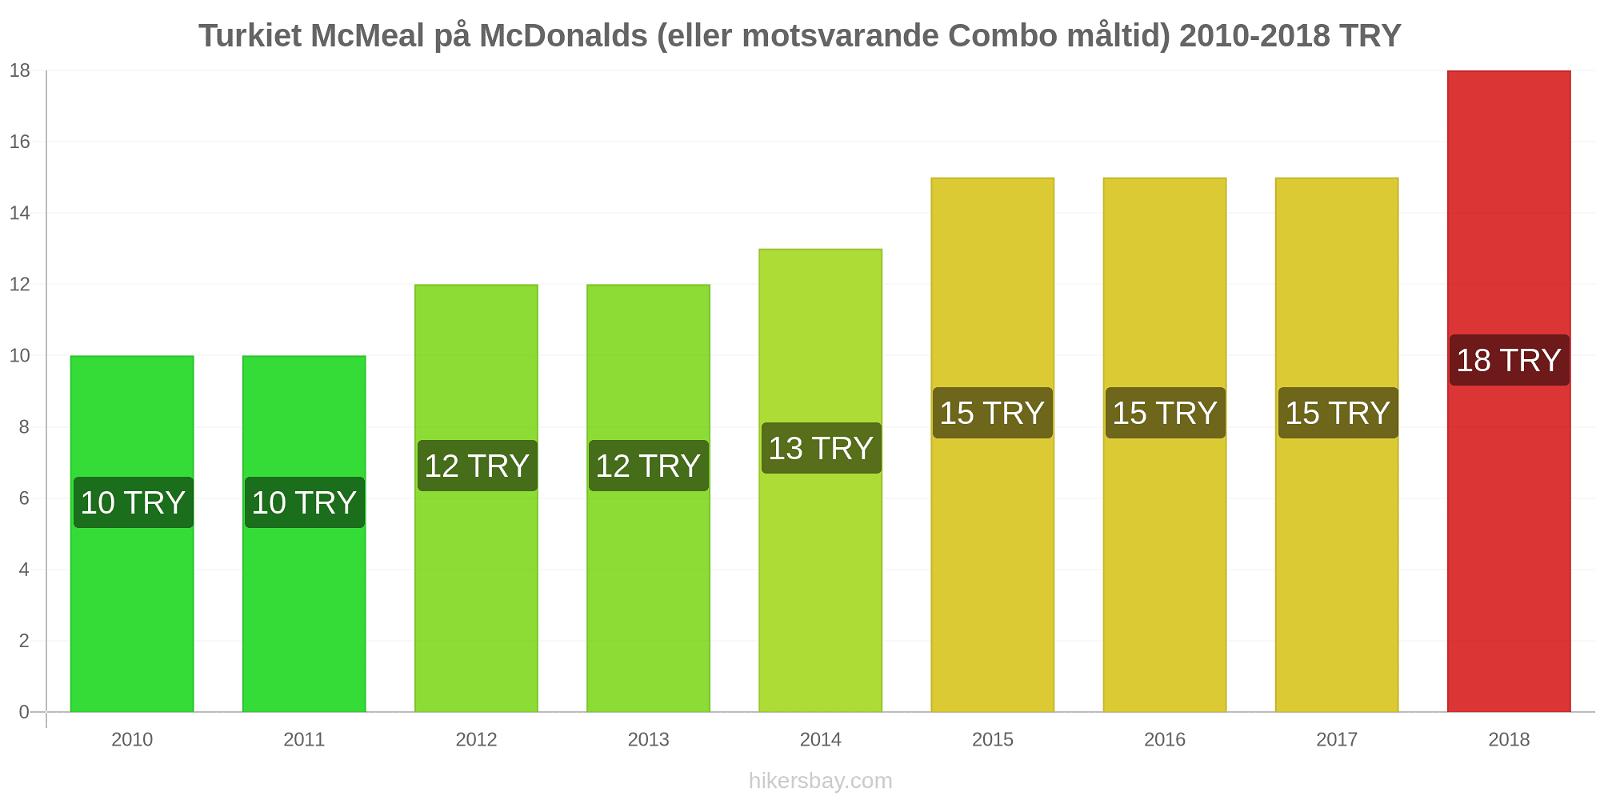 Turkiet prisförändringar McMeal på McDonalds (eller motsvarande Combo måltid) hikersbay.com